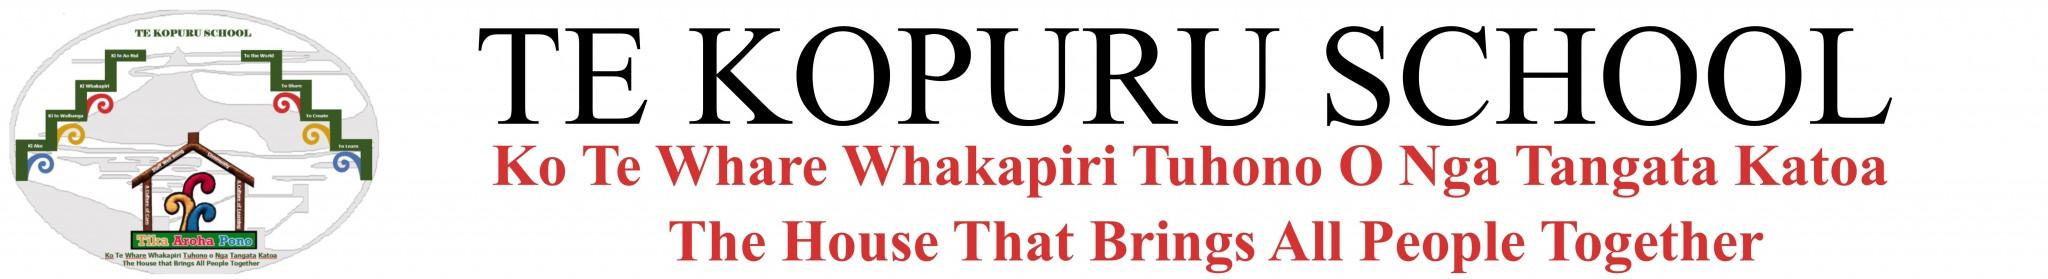 Te Kopuru School Logo